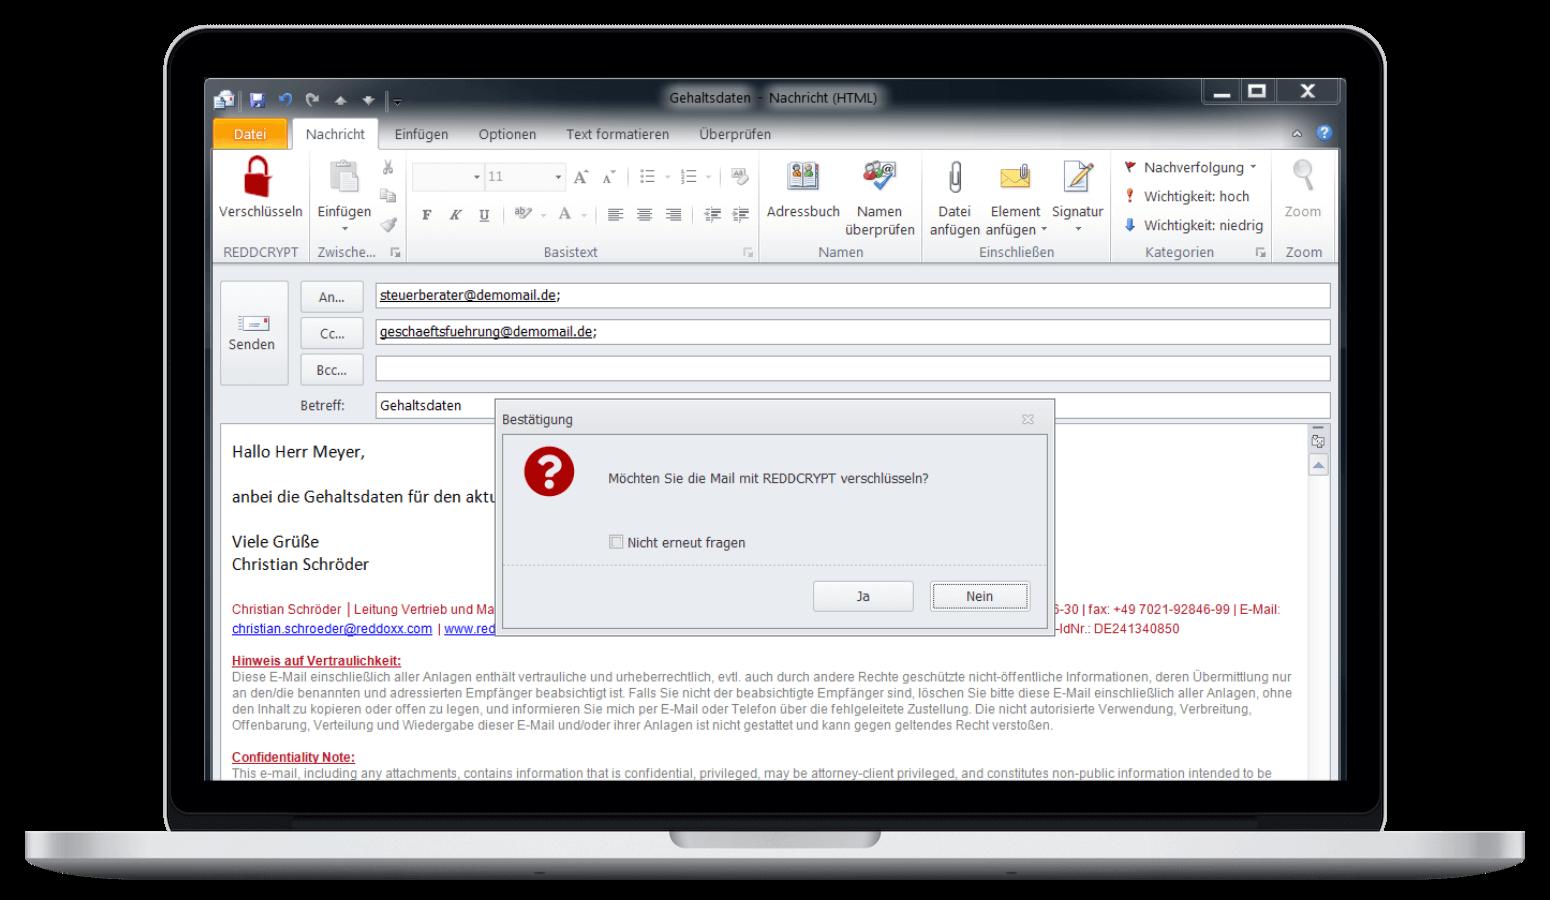 E-Mail in Outlook verschlüsseln - mit einem Klick